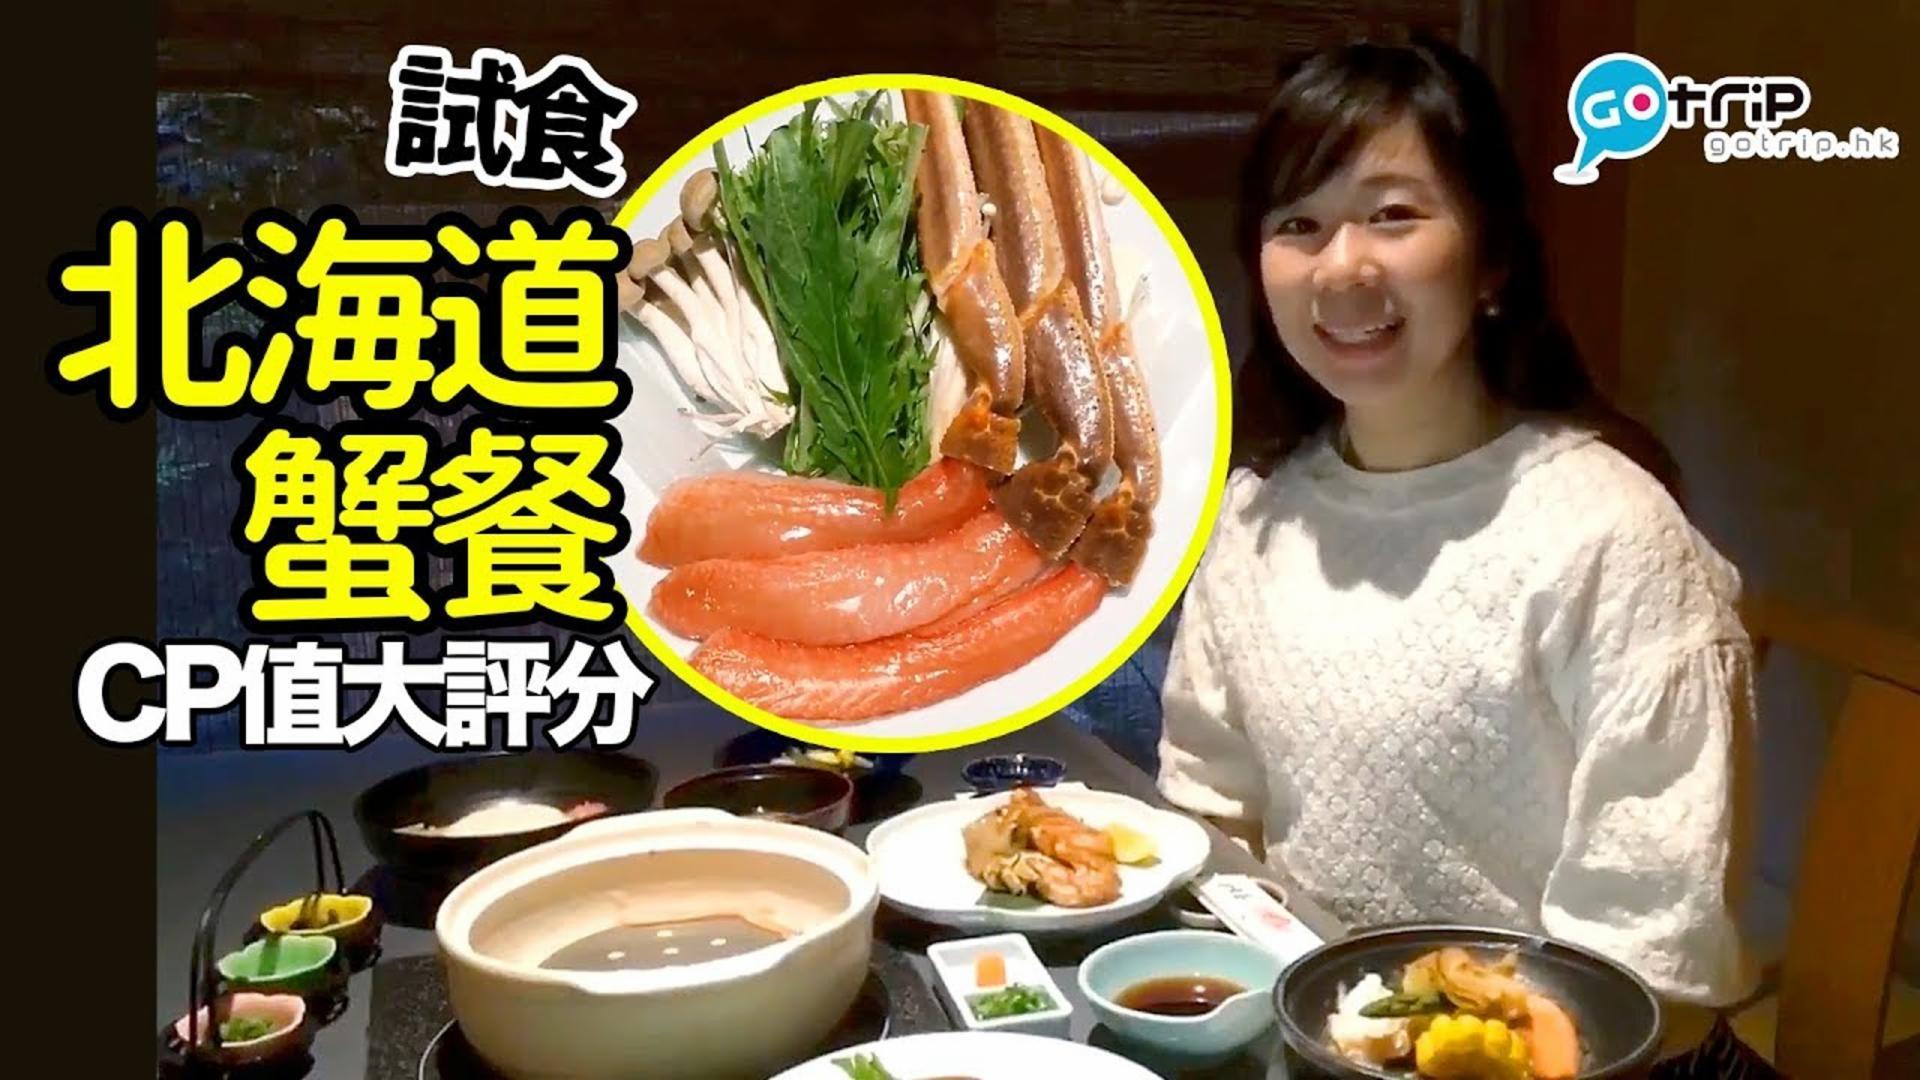 日本 北海道札幌CP值高!包三大蟹套餐【學做日本人】Ep.10